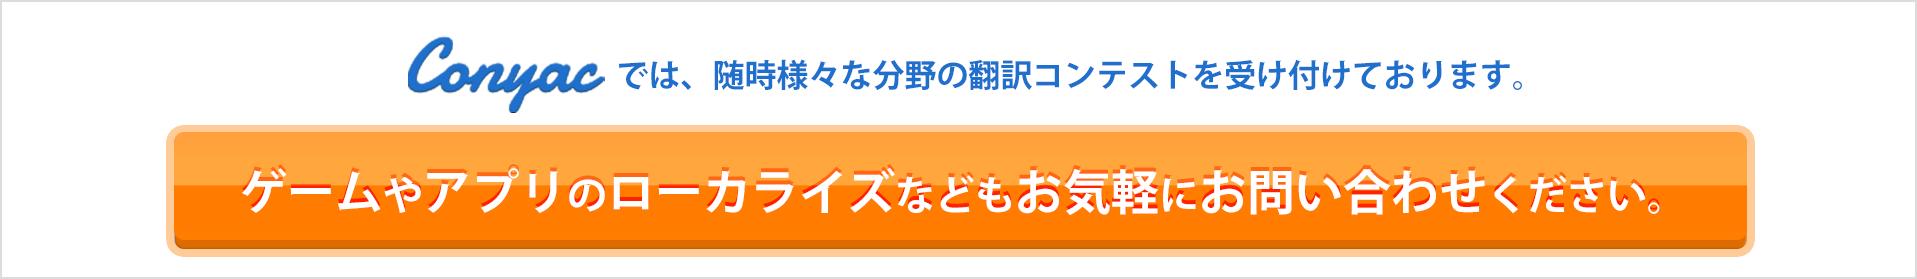 conyacでは、随時様々な分野の翻訳コンテストを受け付けております。ゲームやアプリのローカライズなどもお気軽にお問い合わせください。